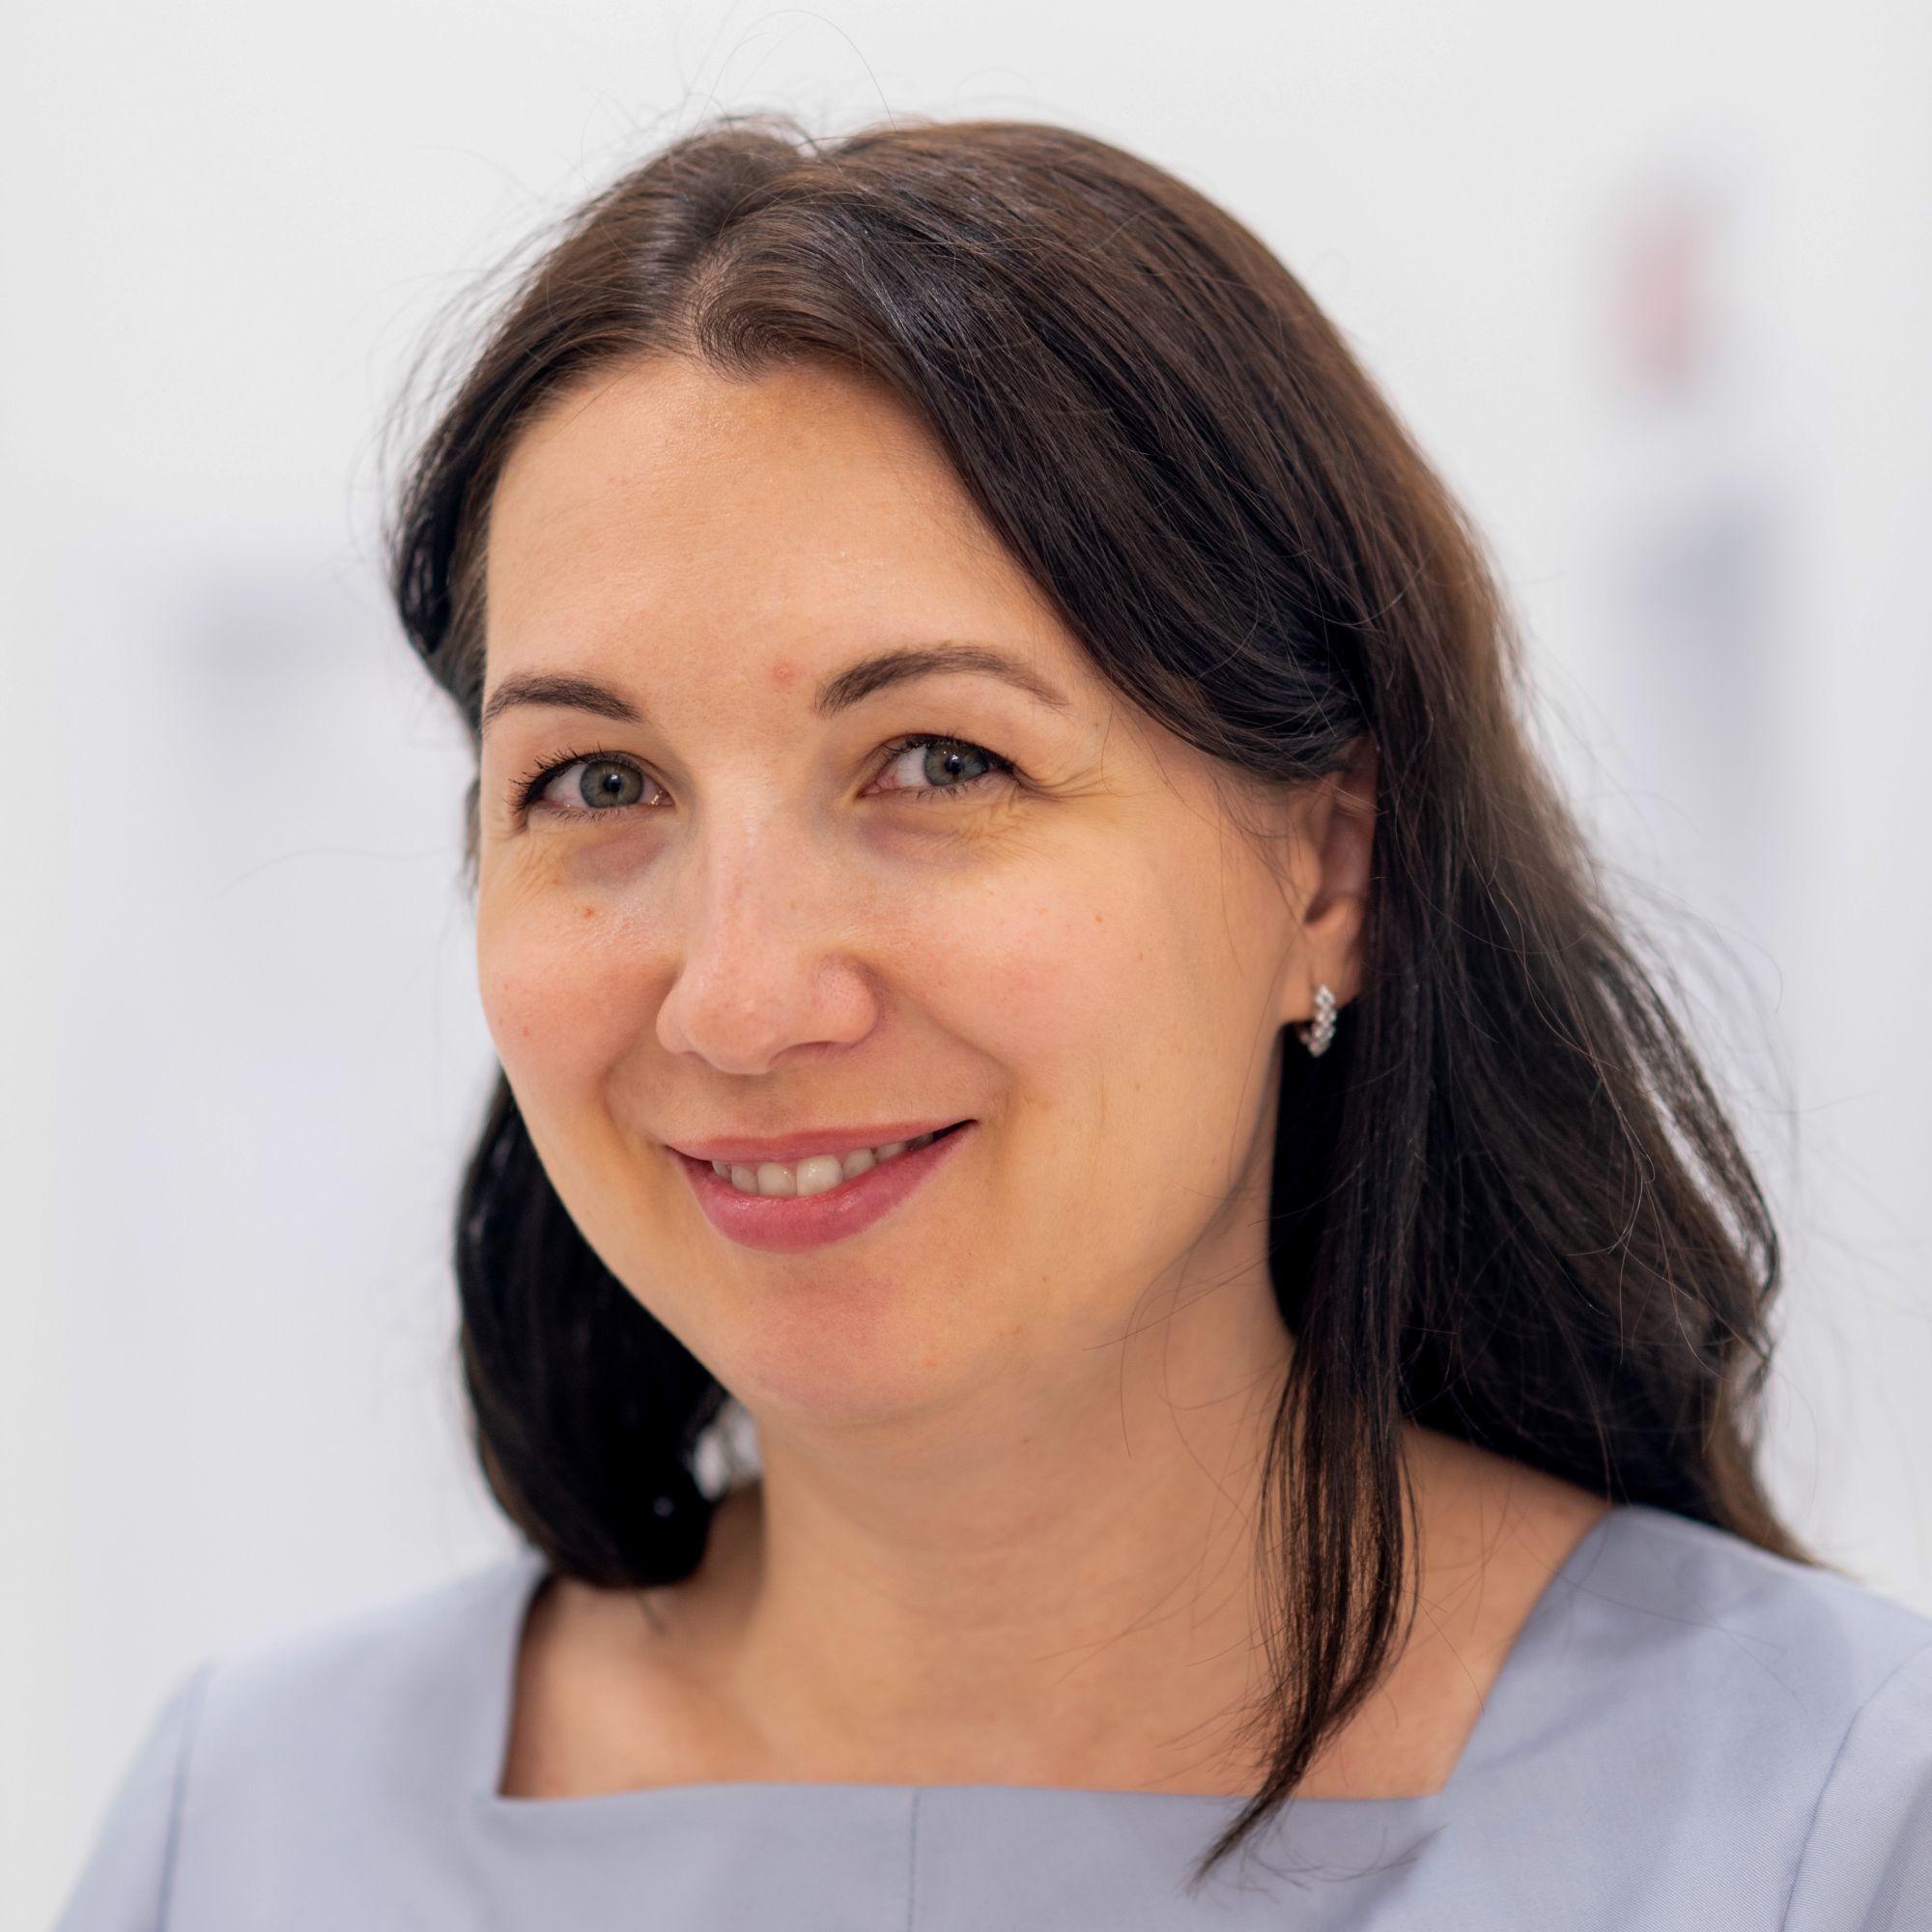 Елена Чуянова